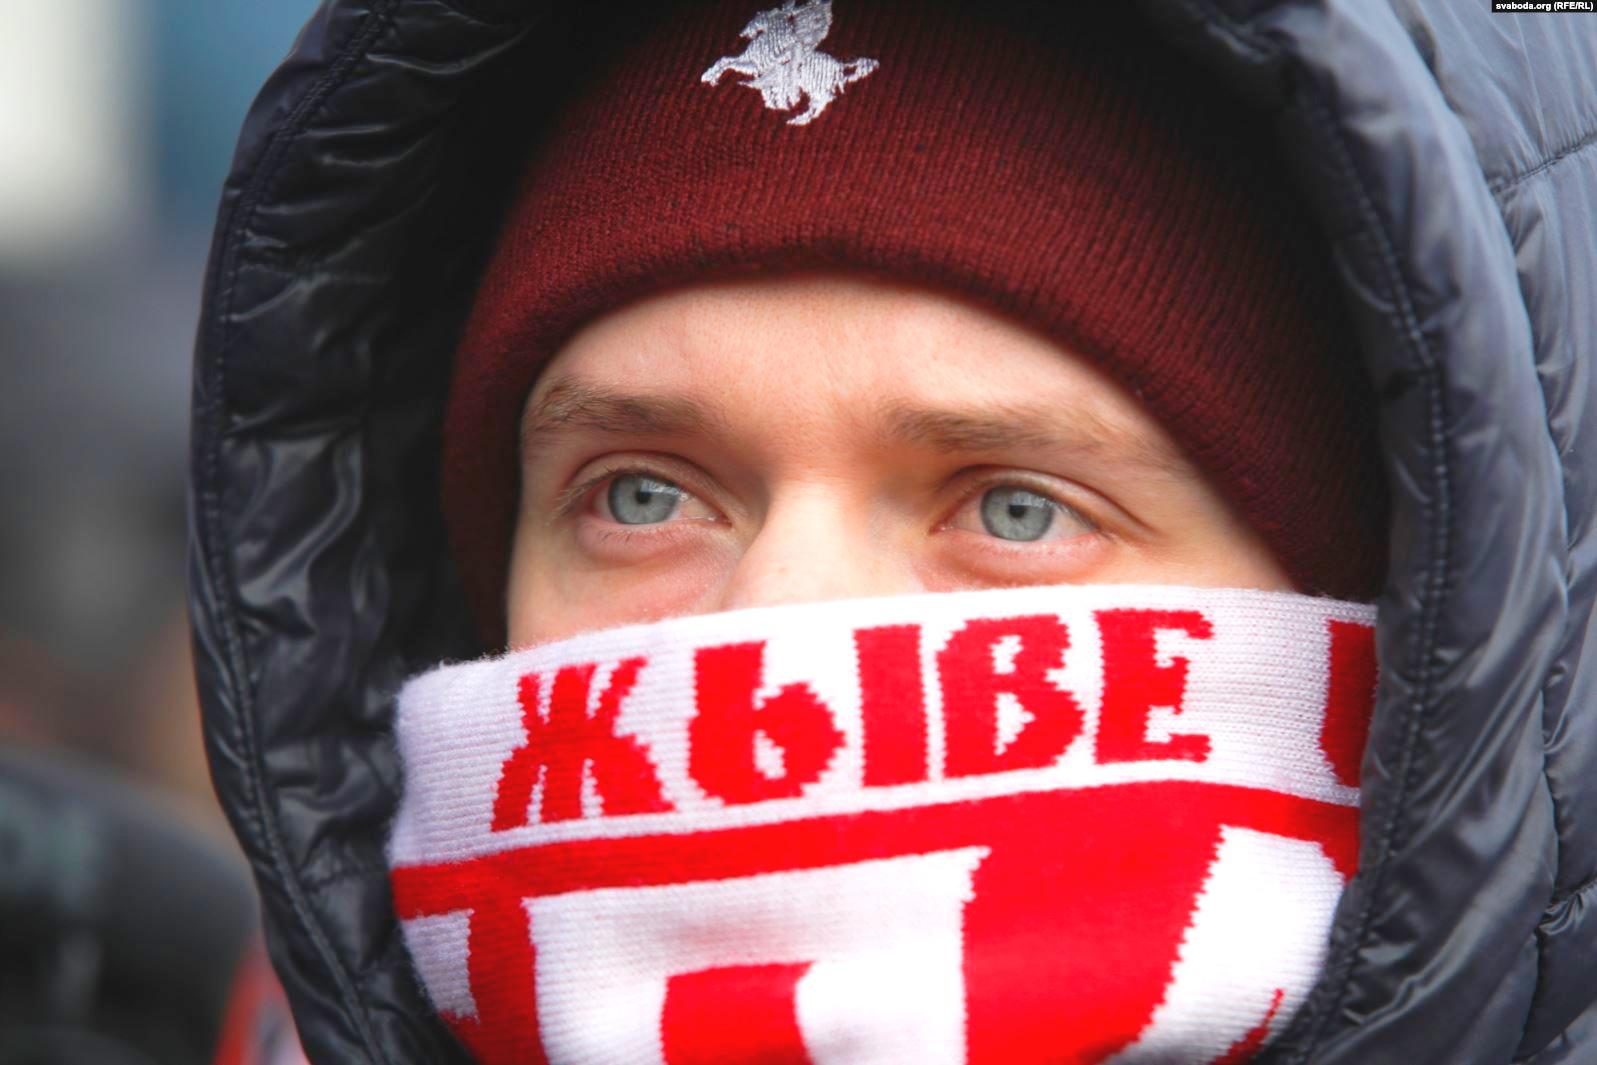 Политолог рассказал, сколько белорусов действительно хотят интеграции с РФ Белоруссия,Бышок,Политика,Мир,Россия,Союзное государство